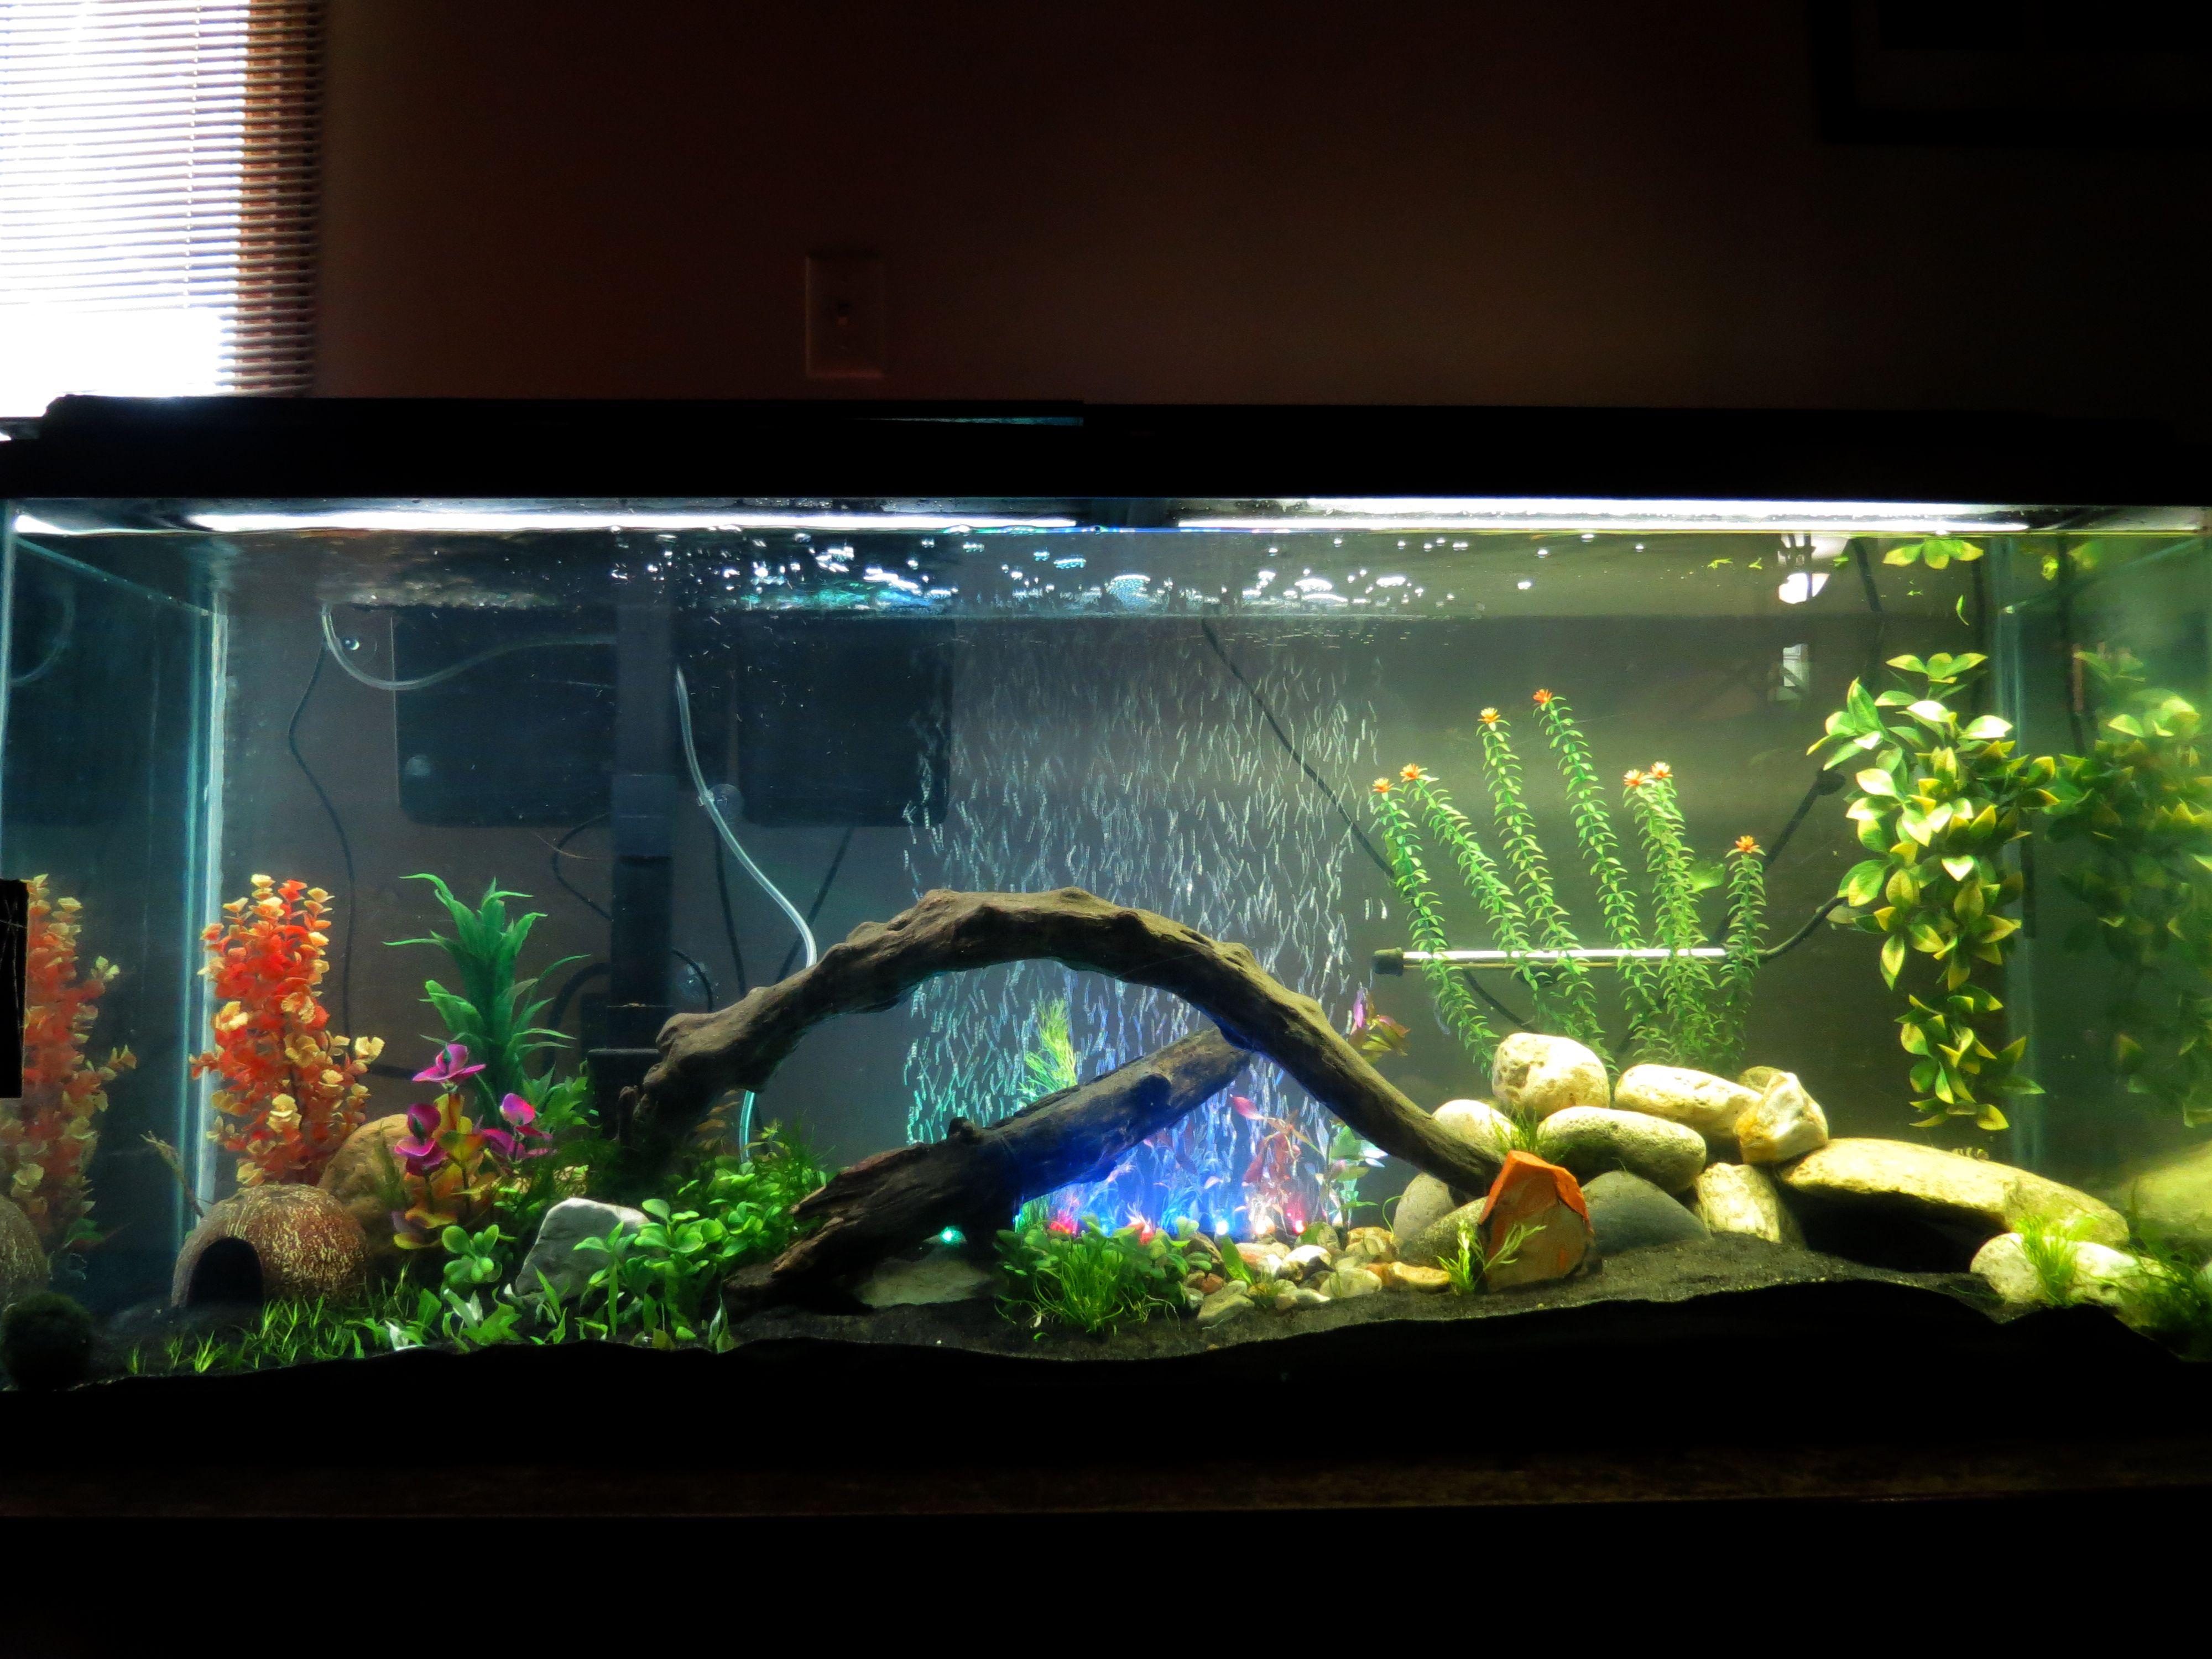 55 gallon aquarium fish tank trustefish Fish Pinterest